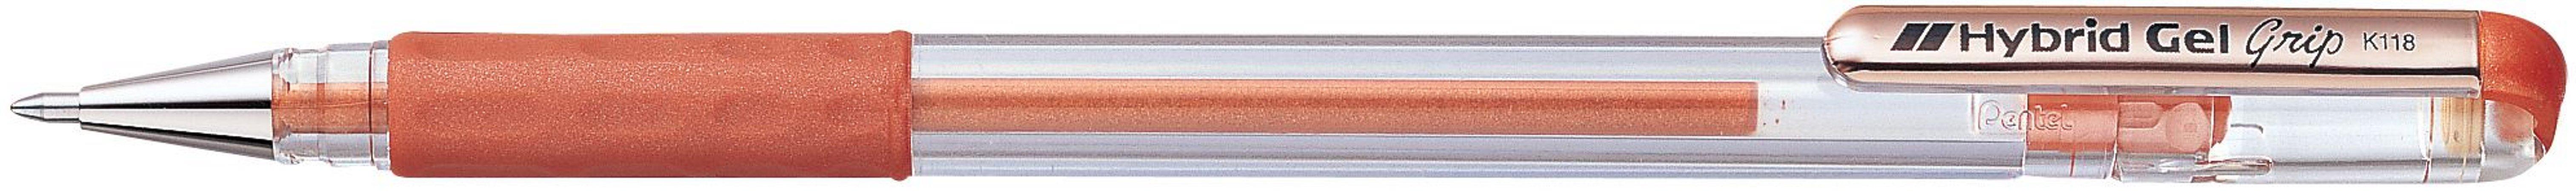 Caneta Hybrid Gel Grip 0,8 K-118